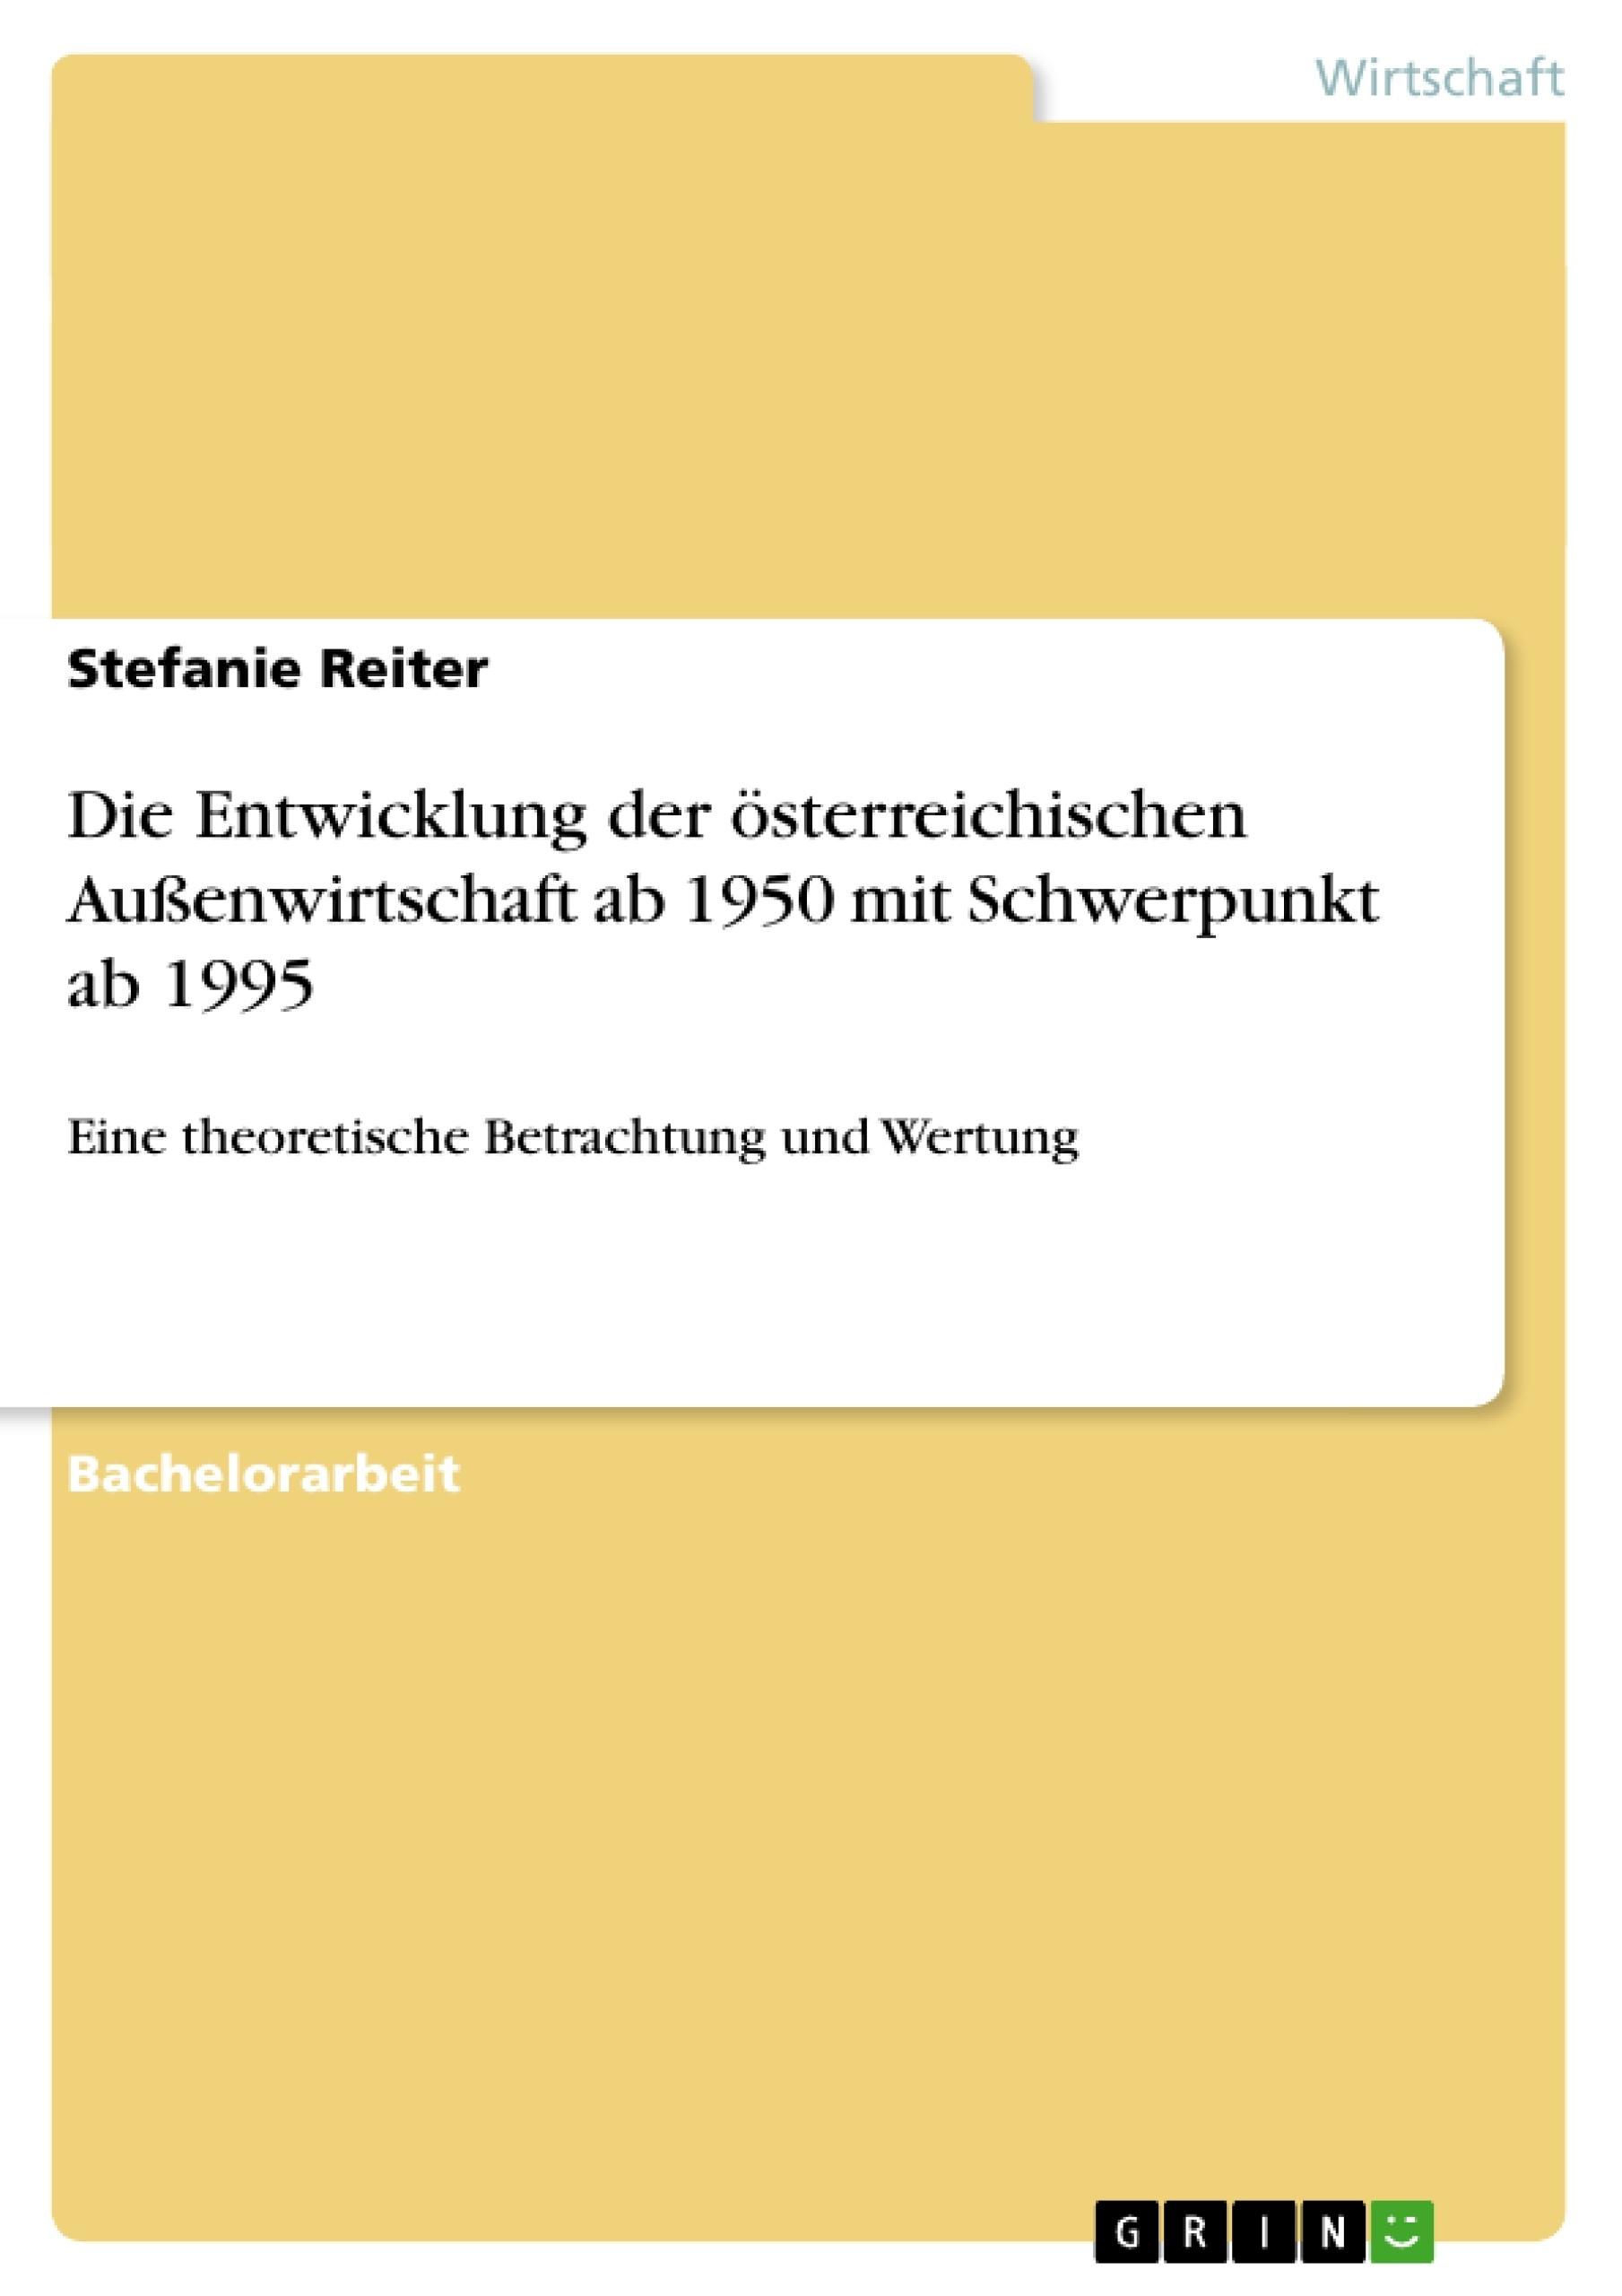 Titel: Die Entwicklung der österreichischen Außenwirtschaft ab 1950 mit Schwerpunkt ab 1995